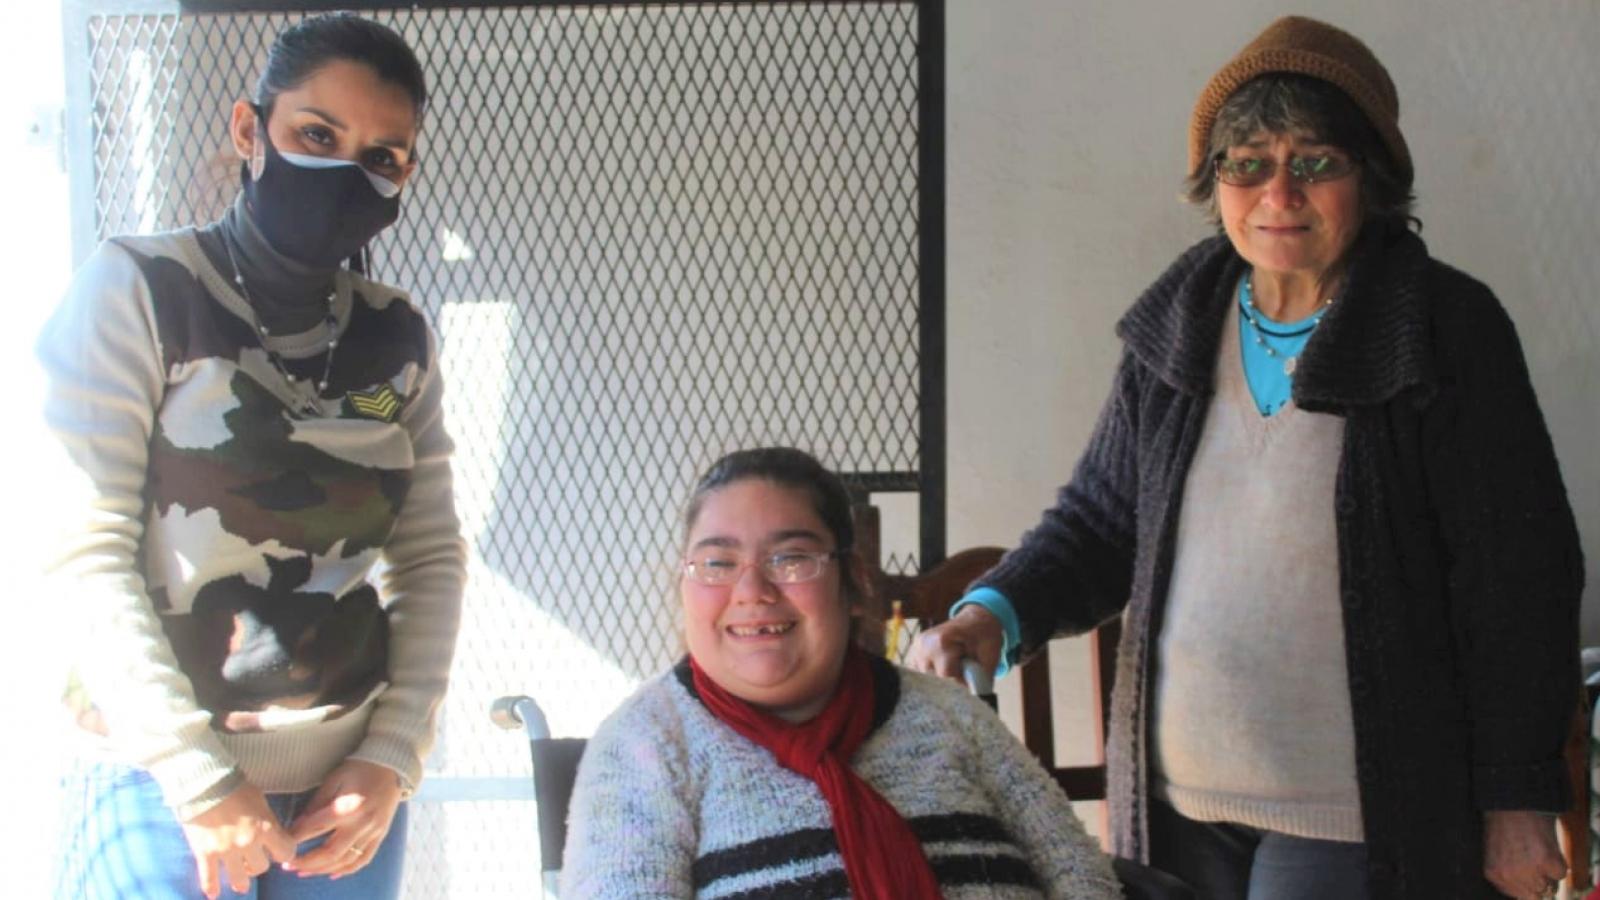 Beneficiaria de Margarita Belén sonriendo frente a la cámara con su nueva silla de ruedas